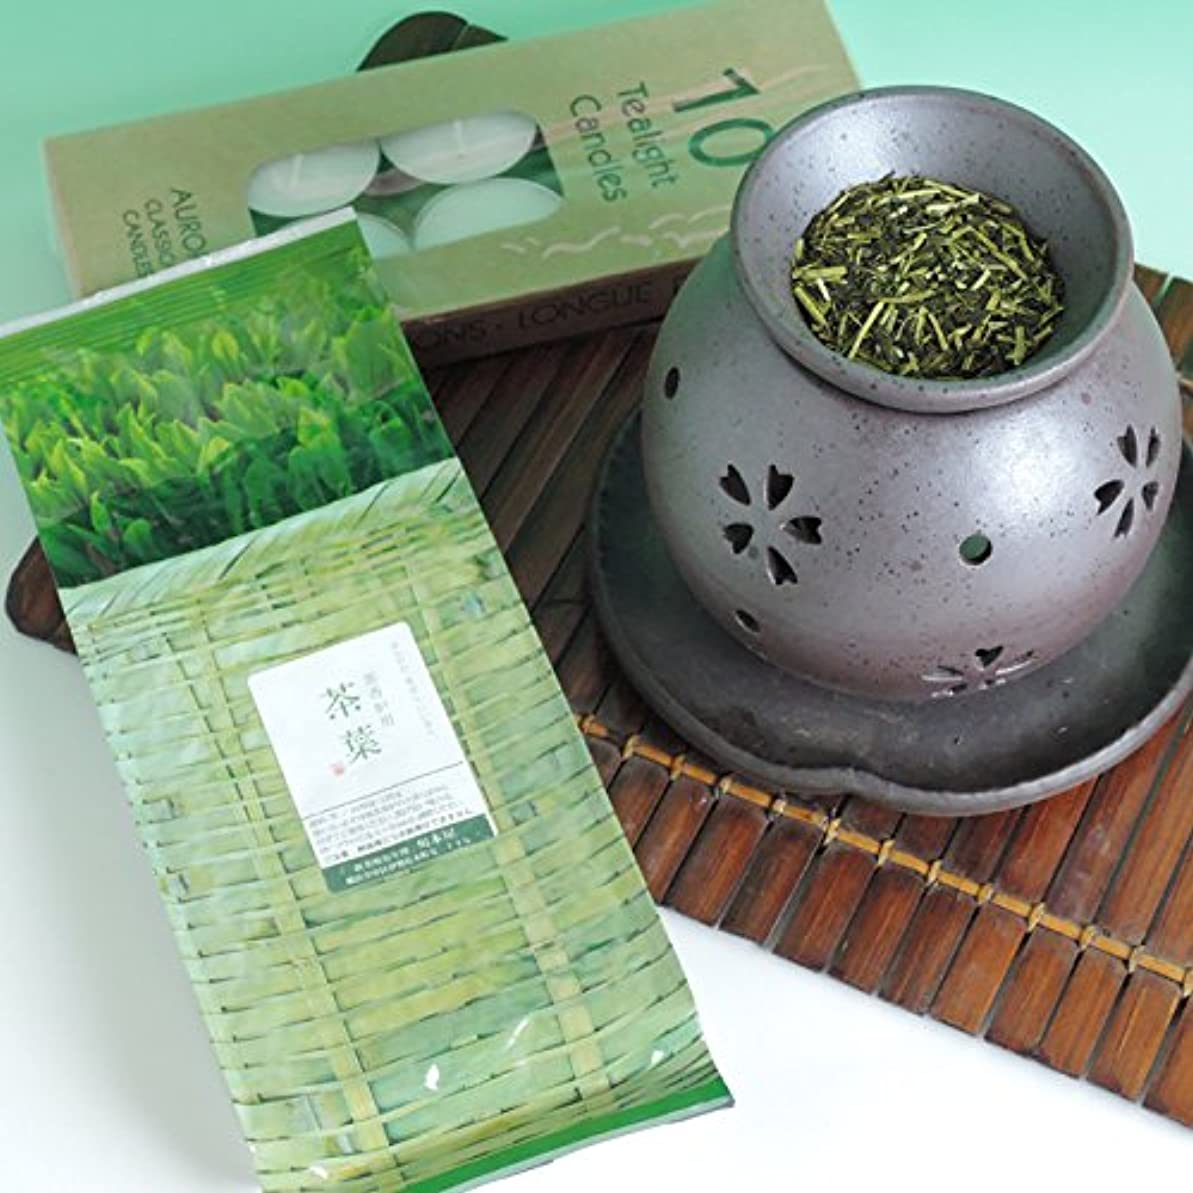 ウール知り合い発明する茶香炉 盛正作 ローソク 茶香炉専用 茶葉 セット 川本屋茶舗